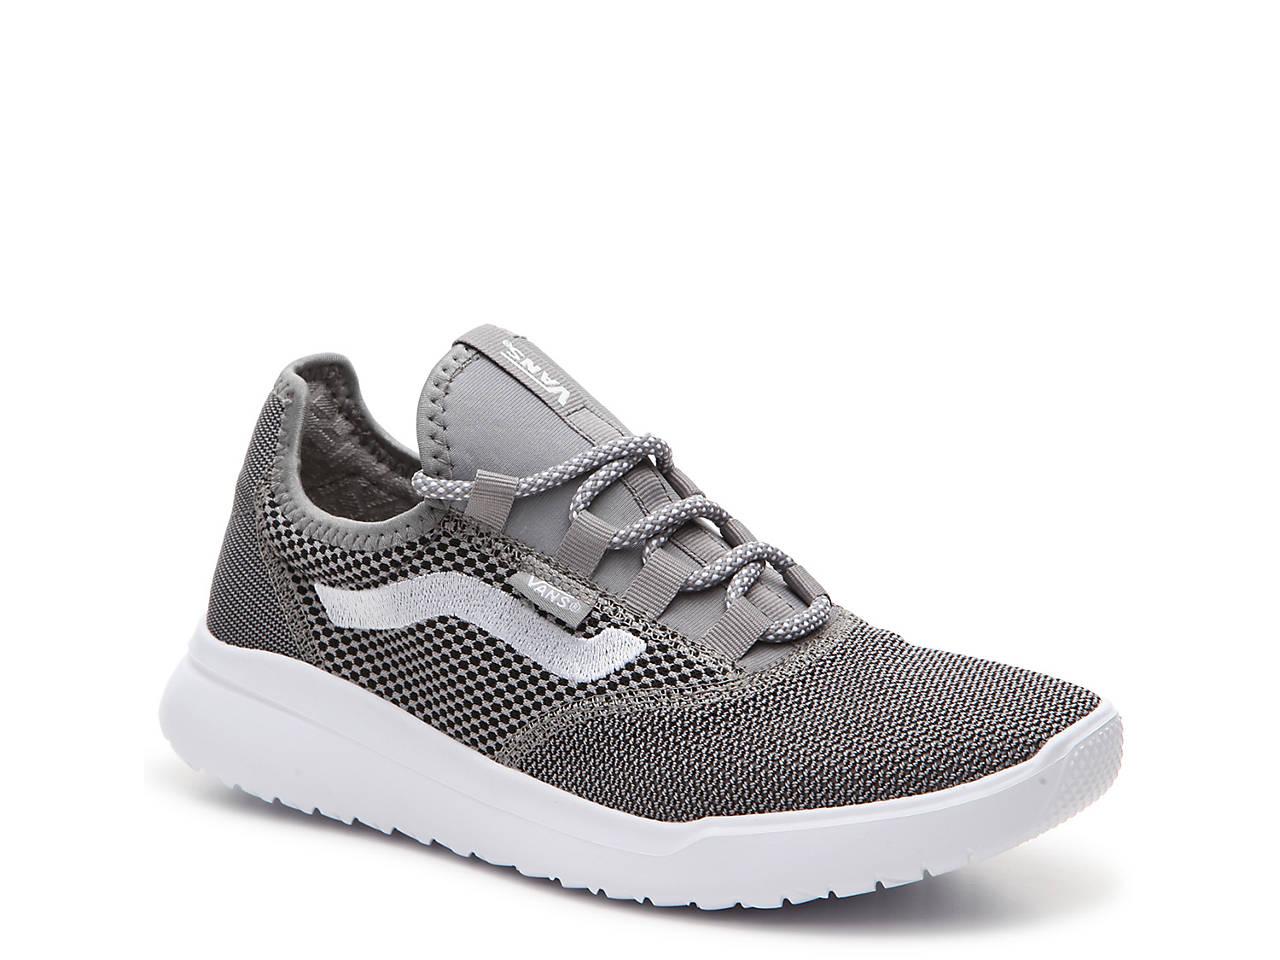 e7e33c261c0 Vans Cerus Lite Sneaker - Women s Women s Shoes